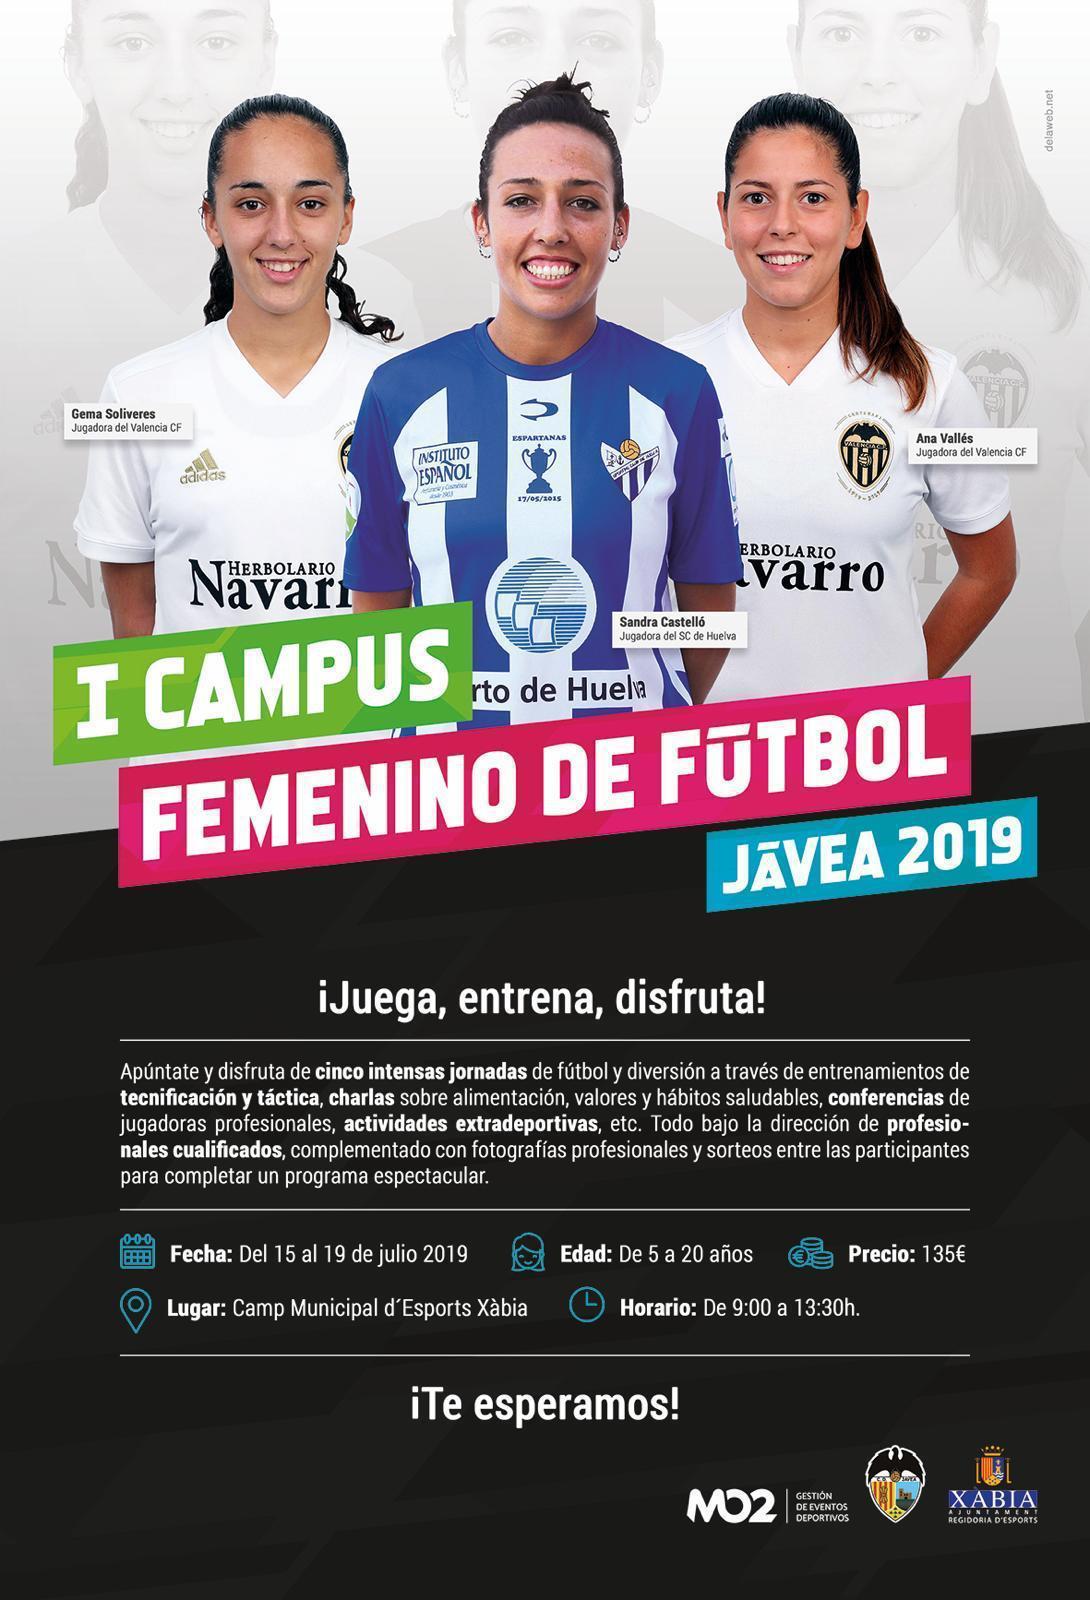 Campus de Fútbol Femenino en Xàbia